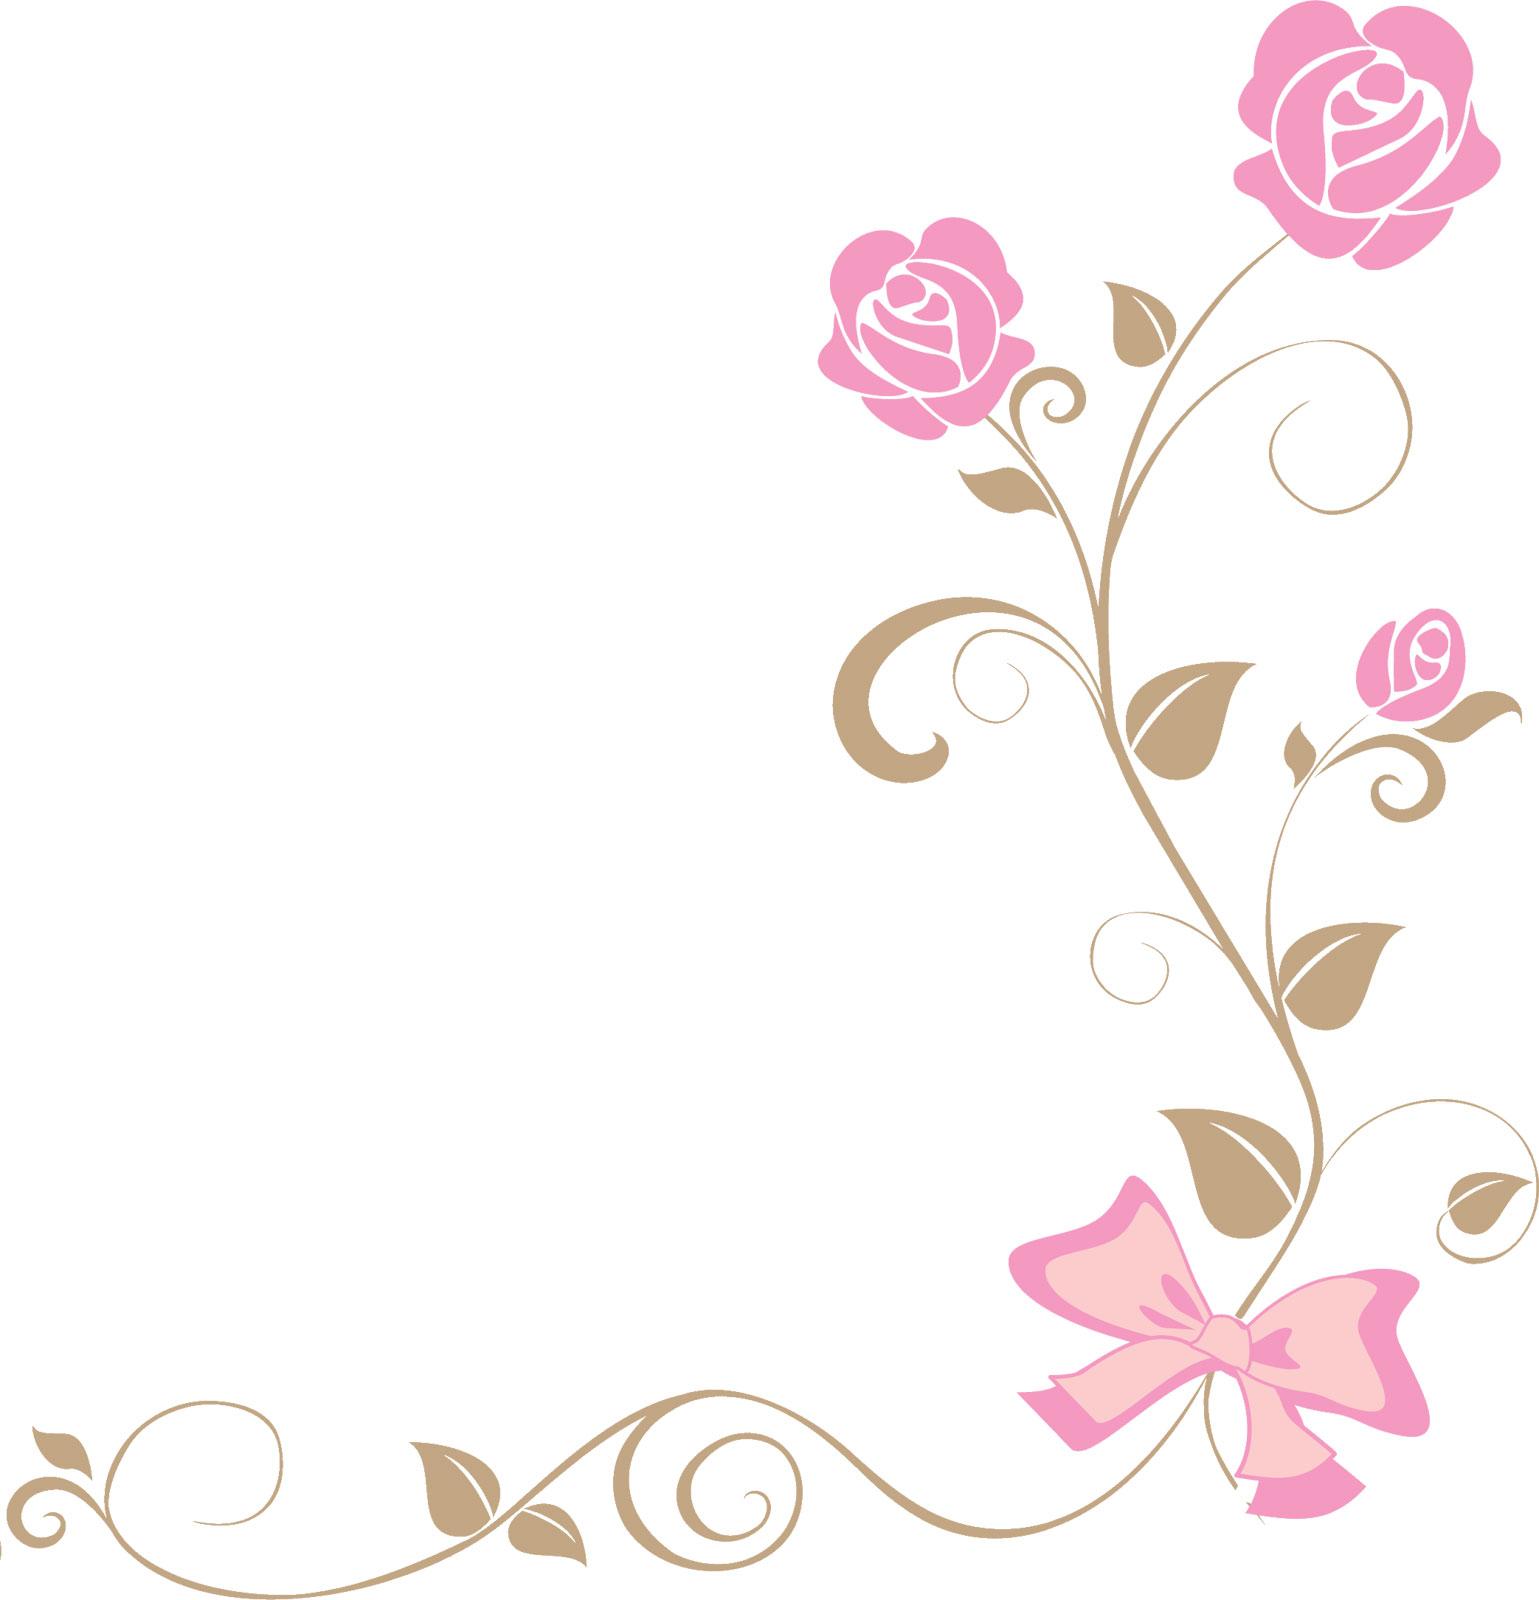 ポップでかわいい花のイラストフリー素材no207ピンクのバラリボン